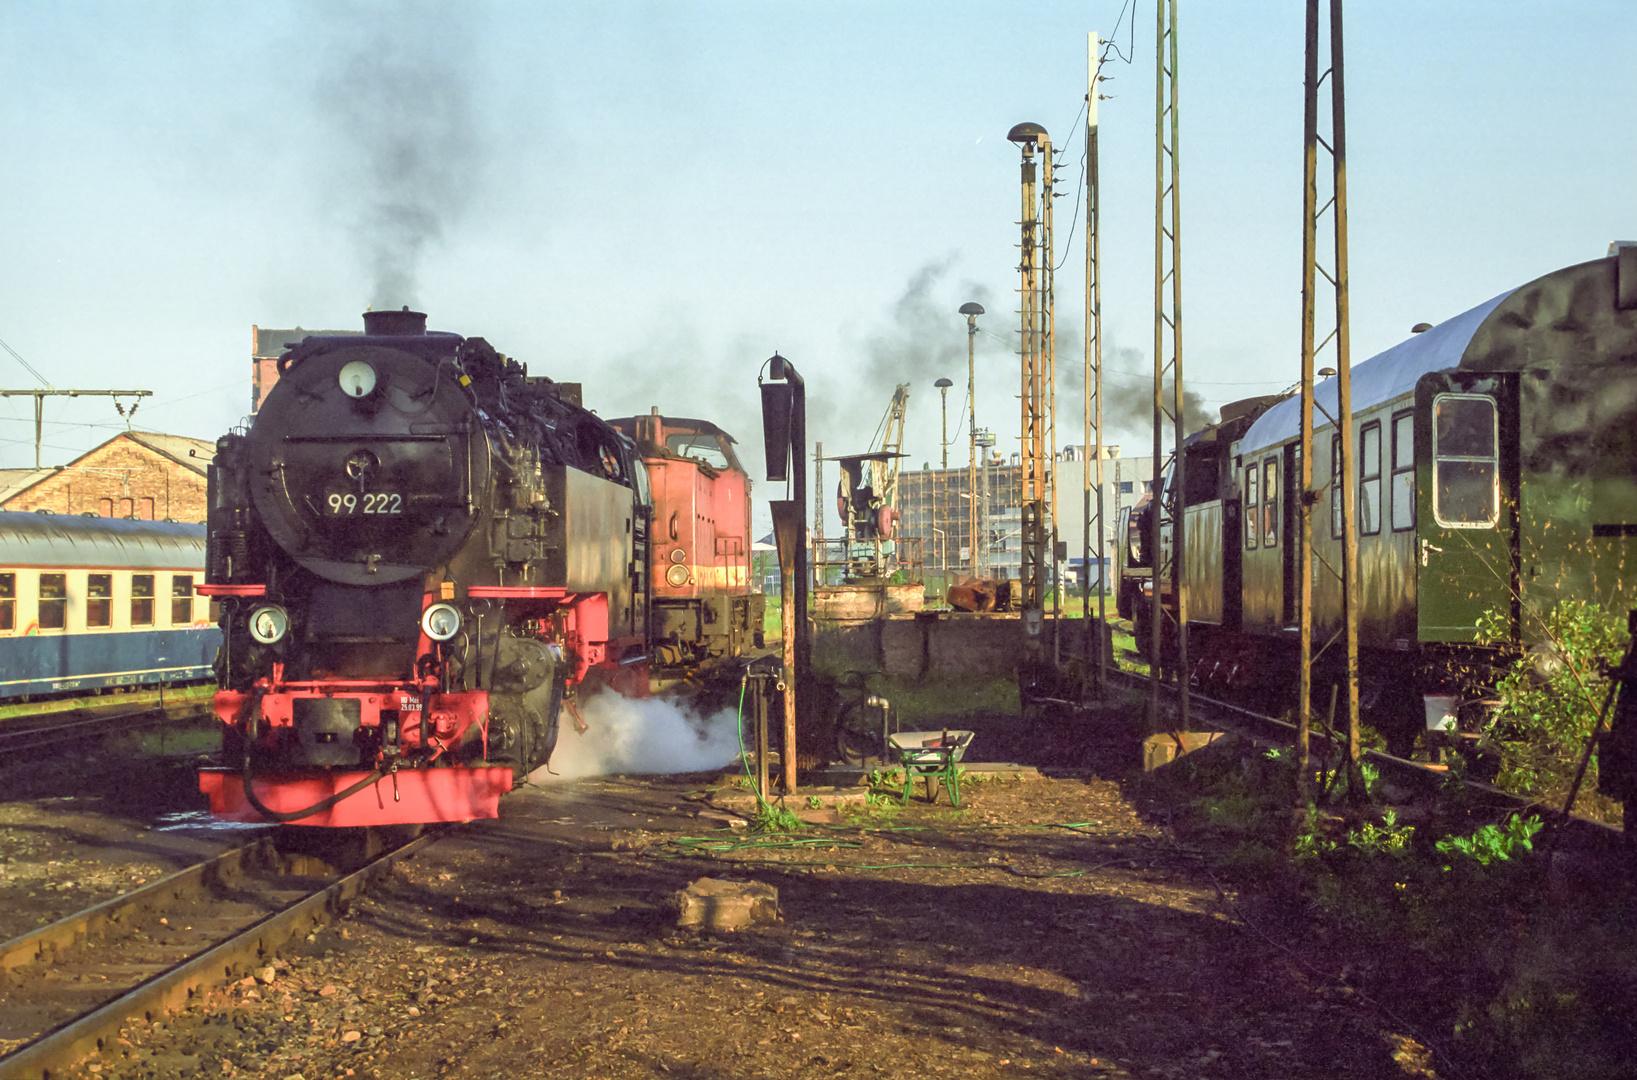 Nordhausen Nord, 99 222